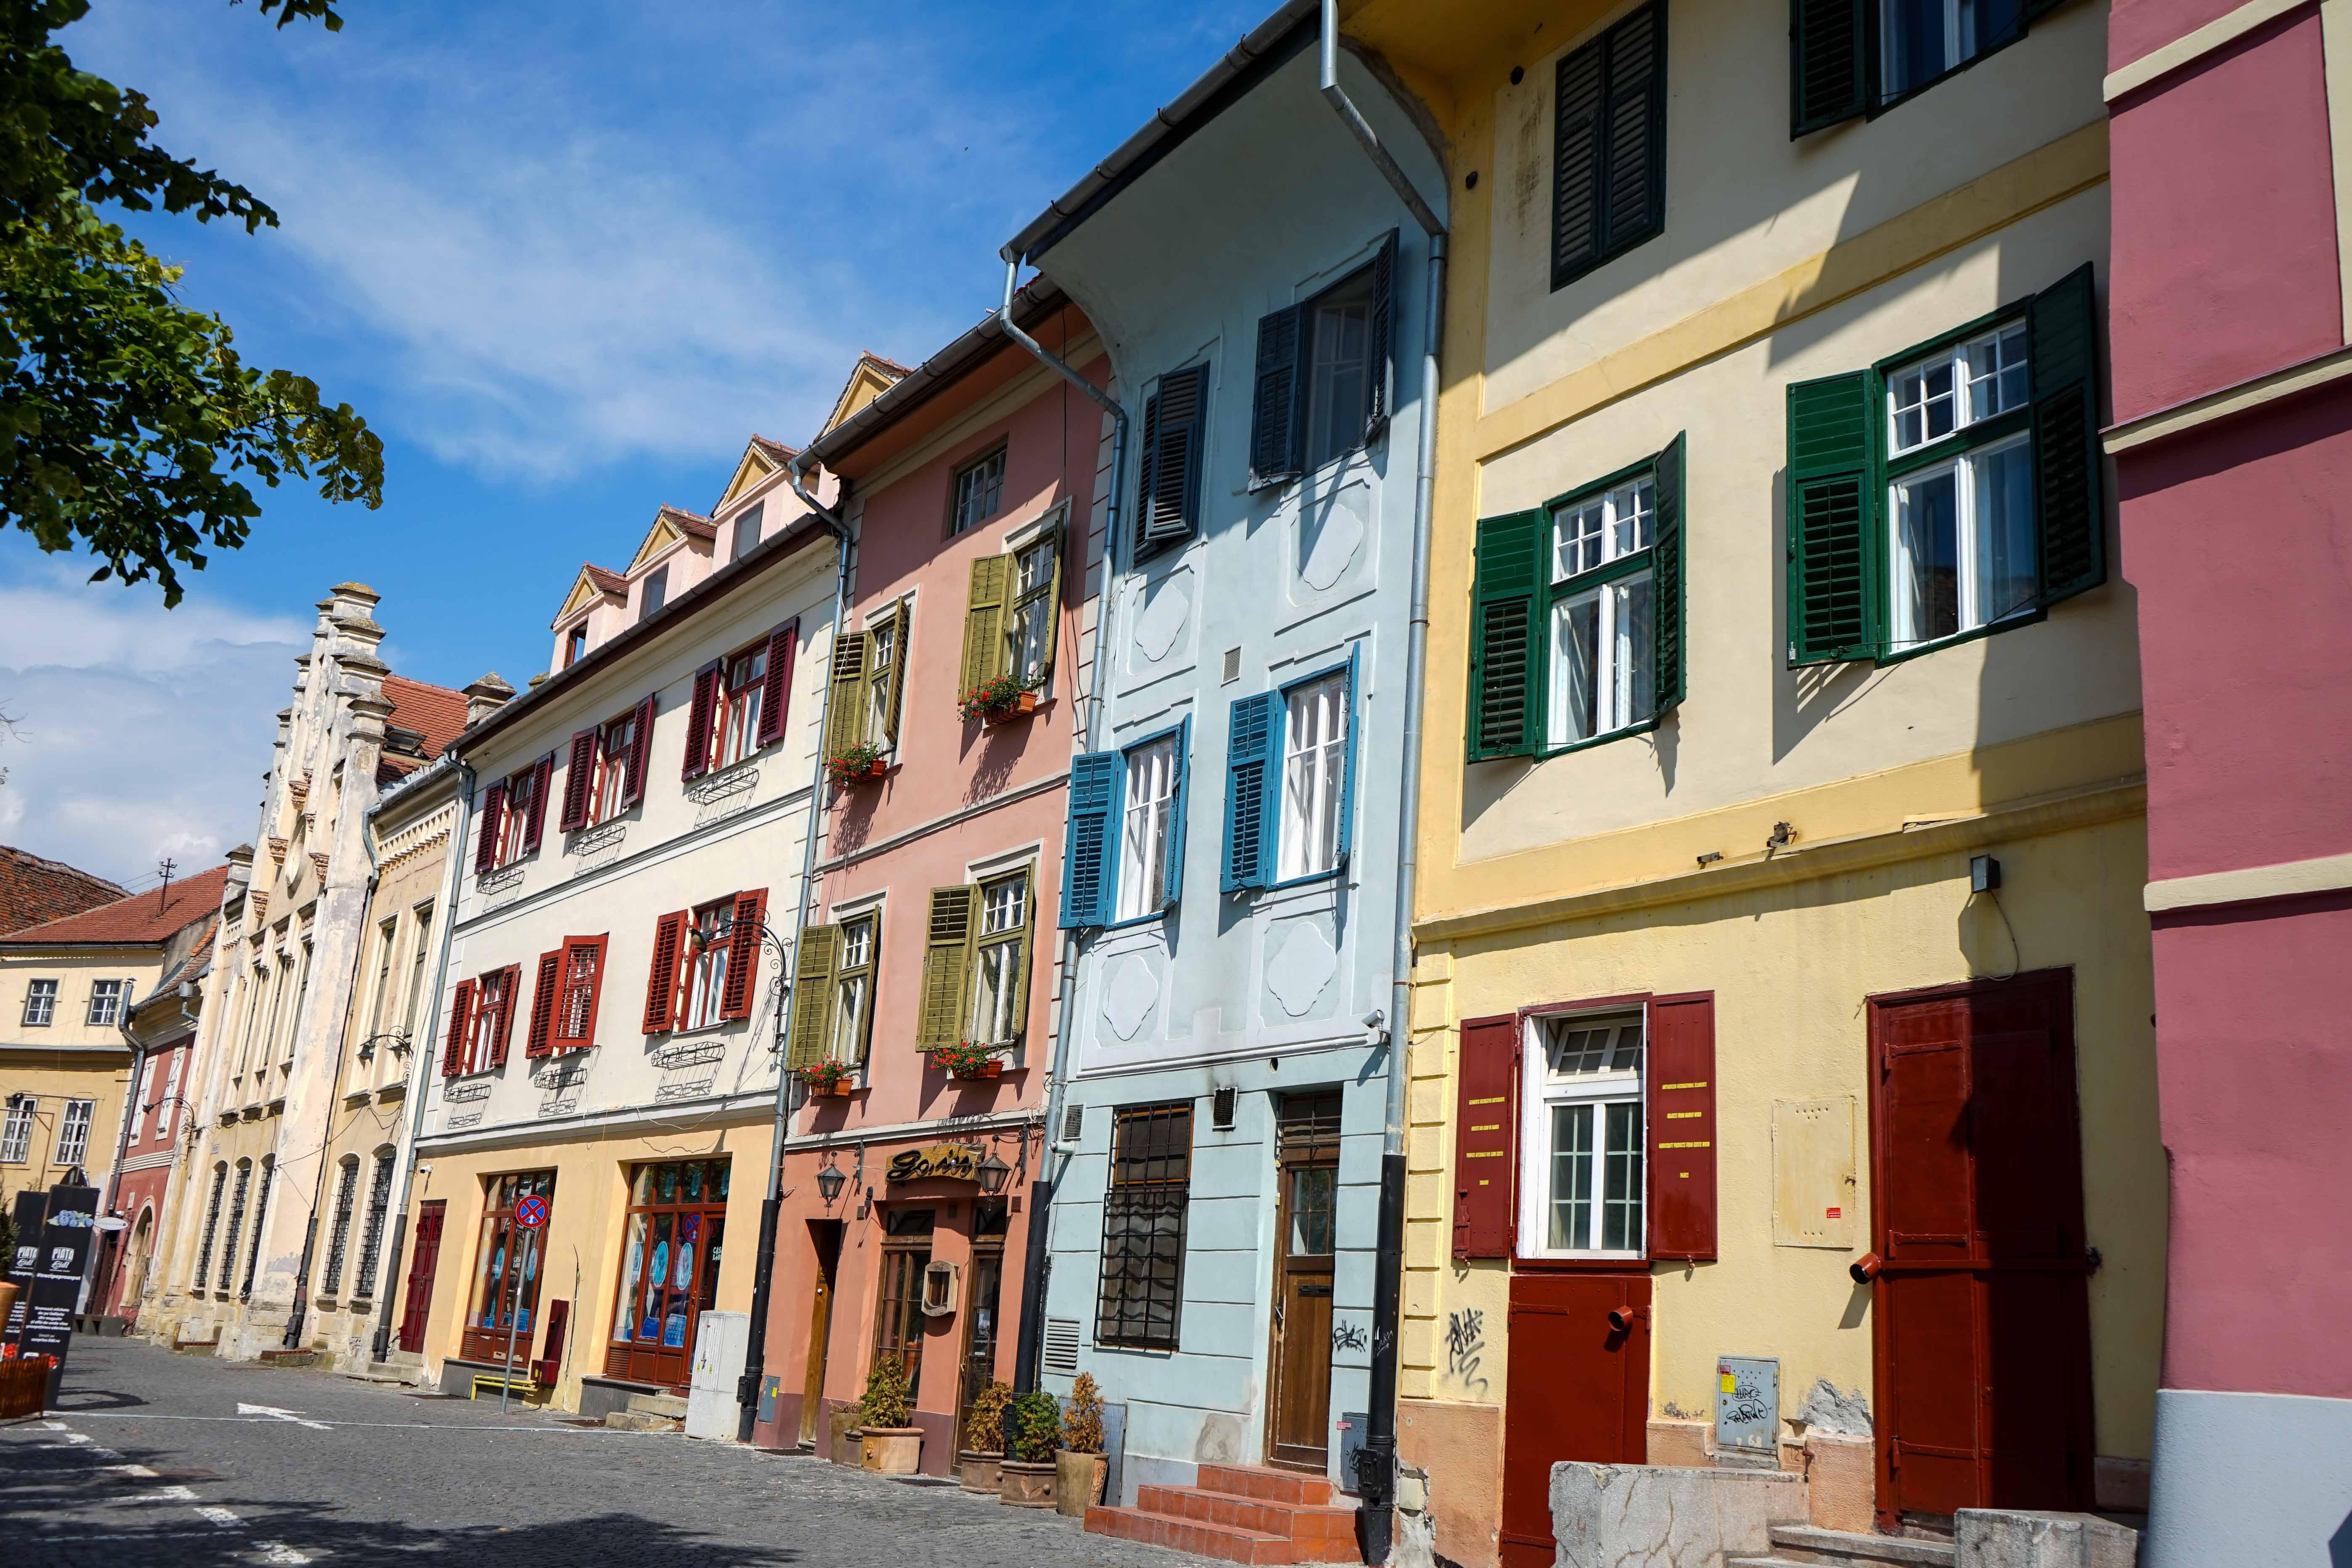 Top 10 Tipps Hermannstadt Sibiu Rumänien Reiseblog Innenstadt bunte Häuser Insider Tipps Travel Blog Brinisfashionbook